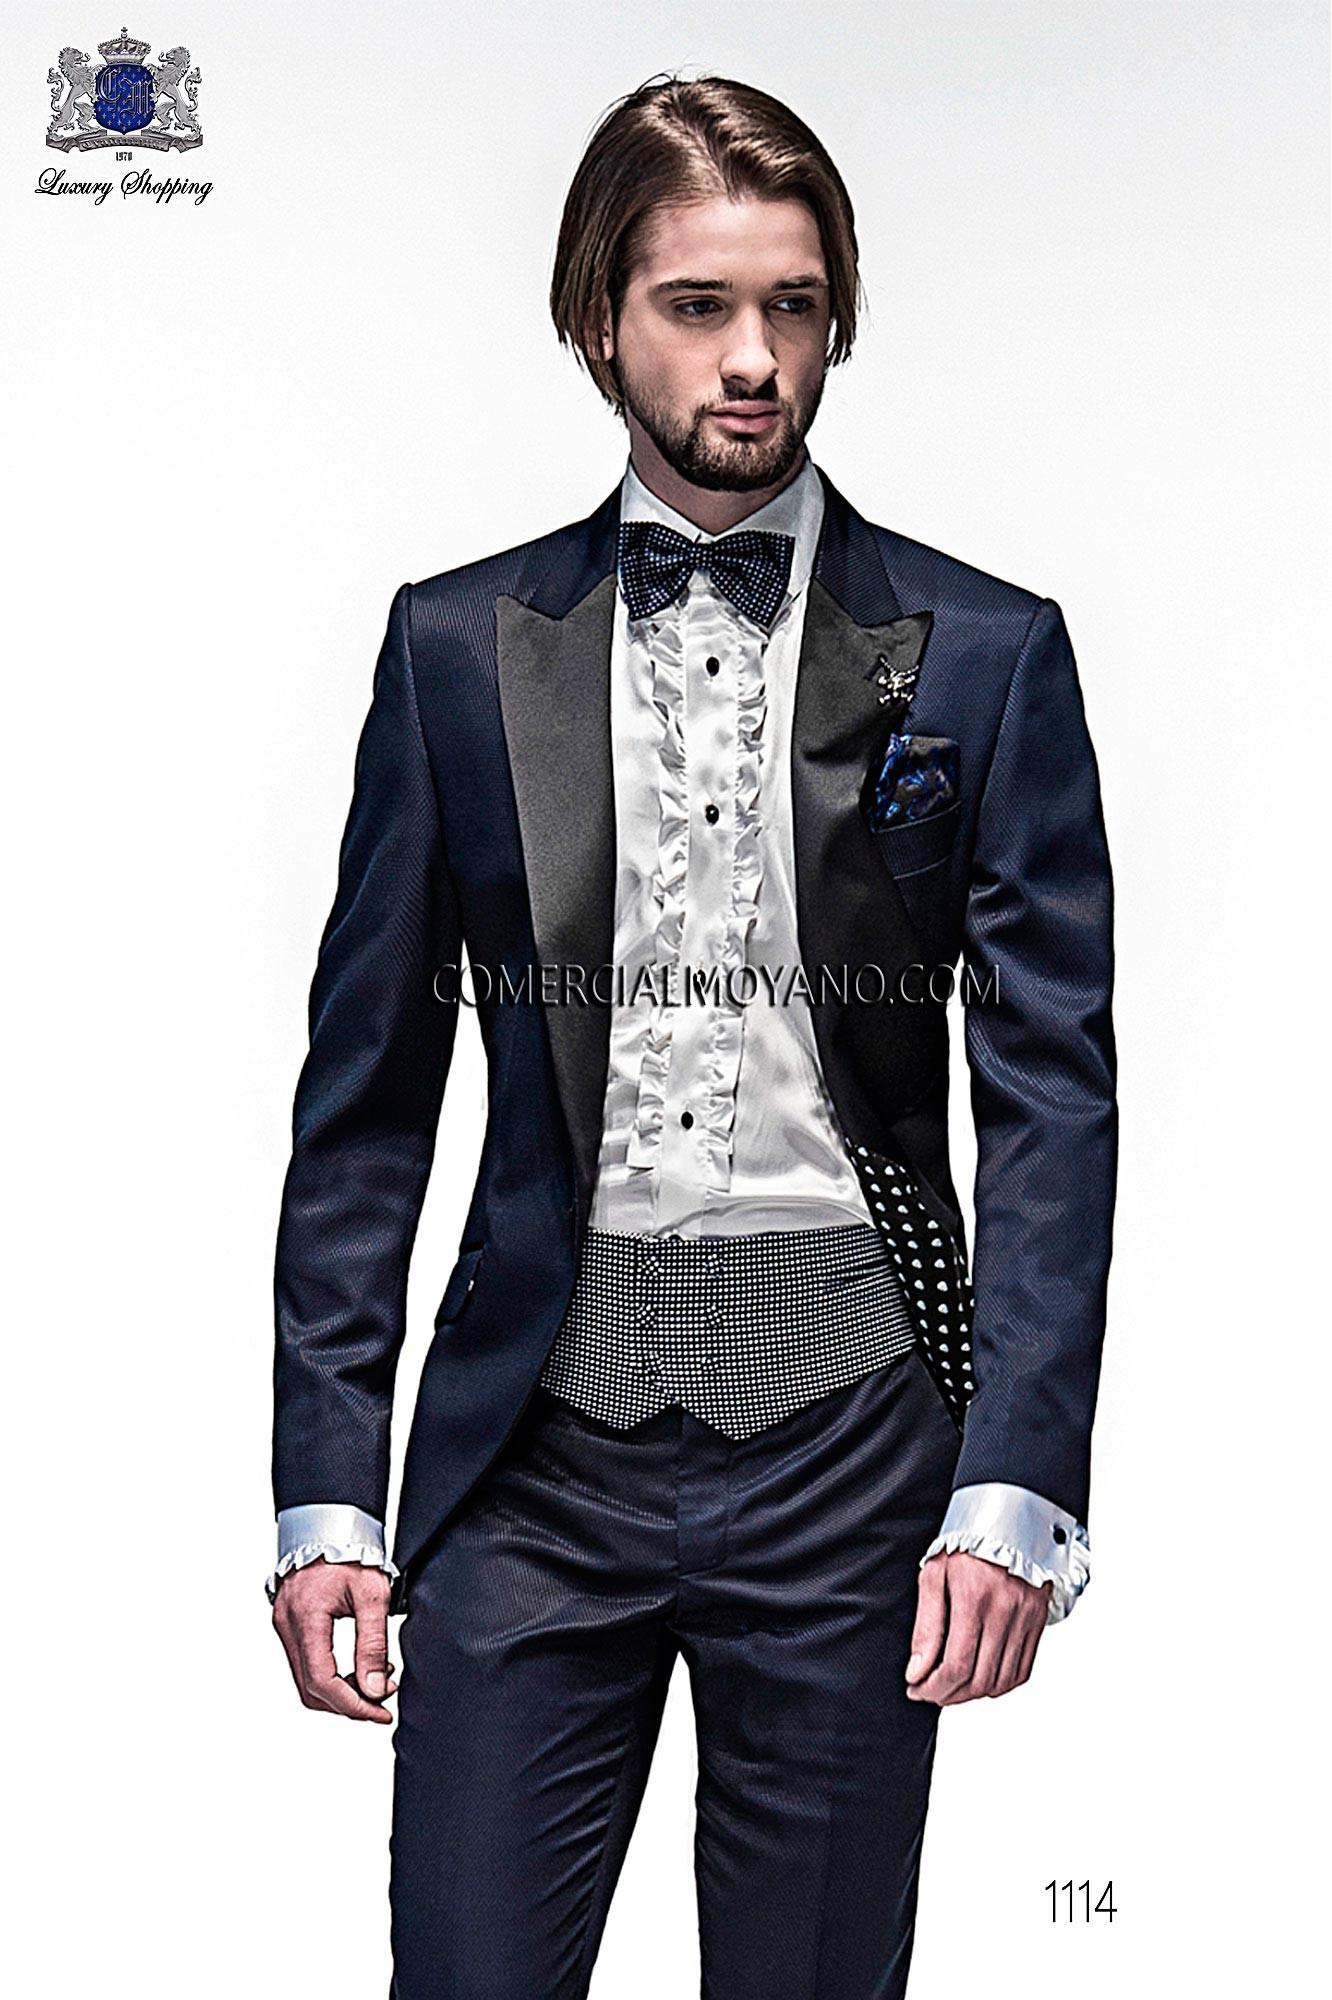 Traje Emotion de novio azul modelo: 1114 Ottavio Nuccio Gala colección Emotion